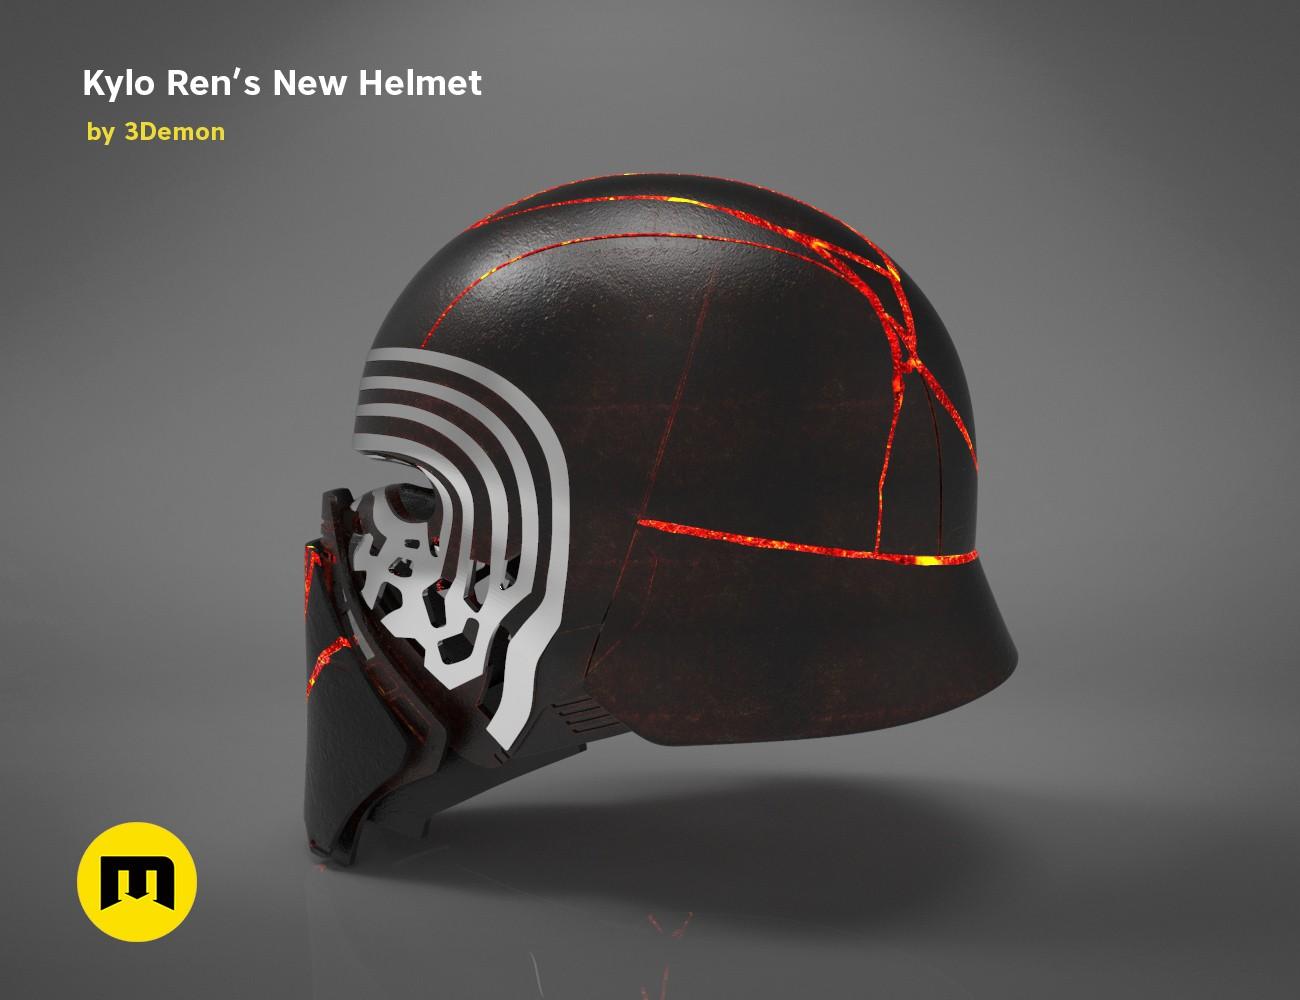 The Kylo Ren Helmet Destroyed Star Wars 3demon 3d Print Models Download